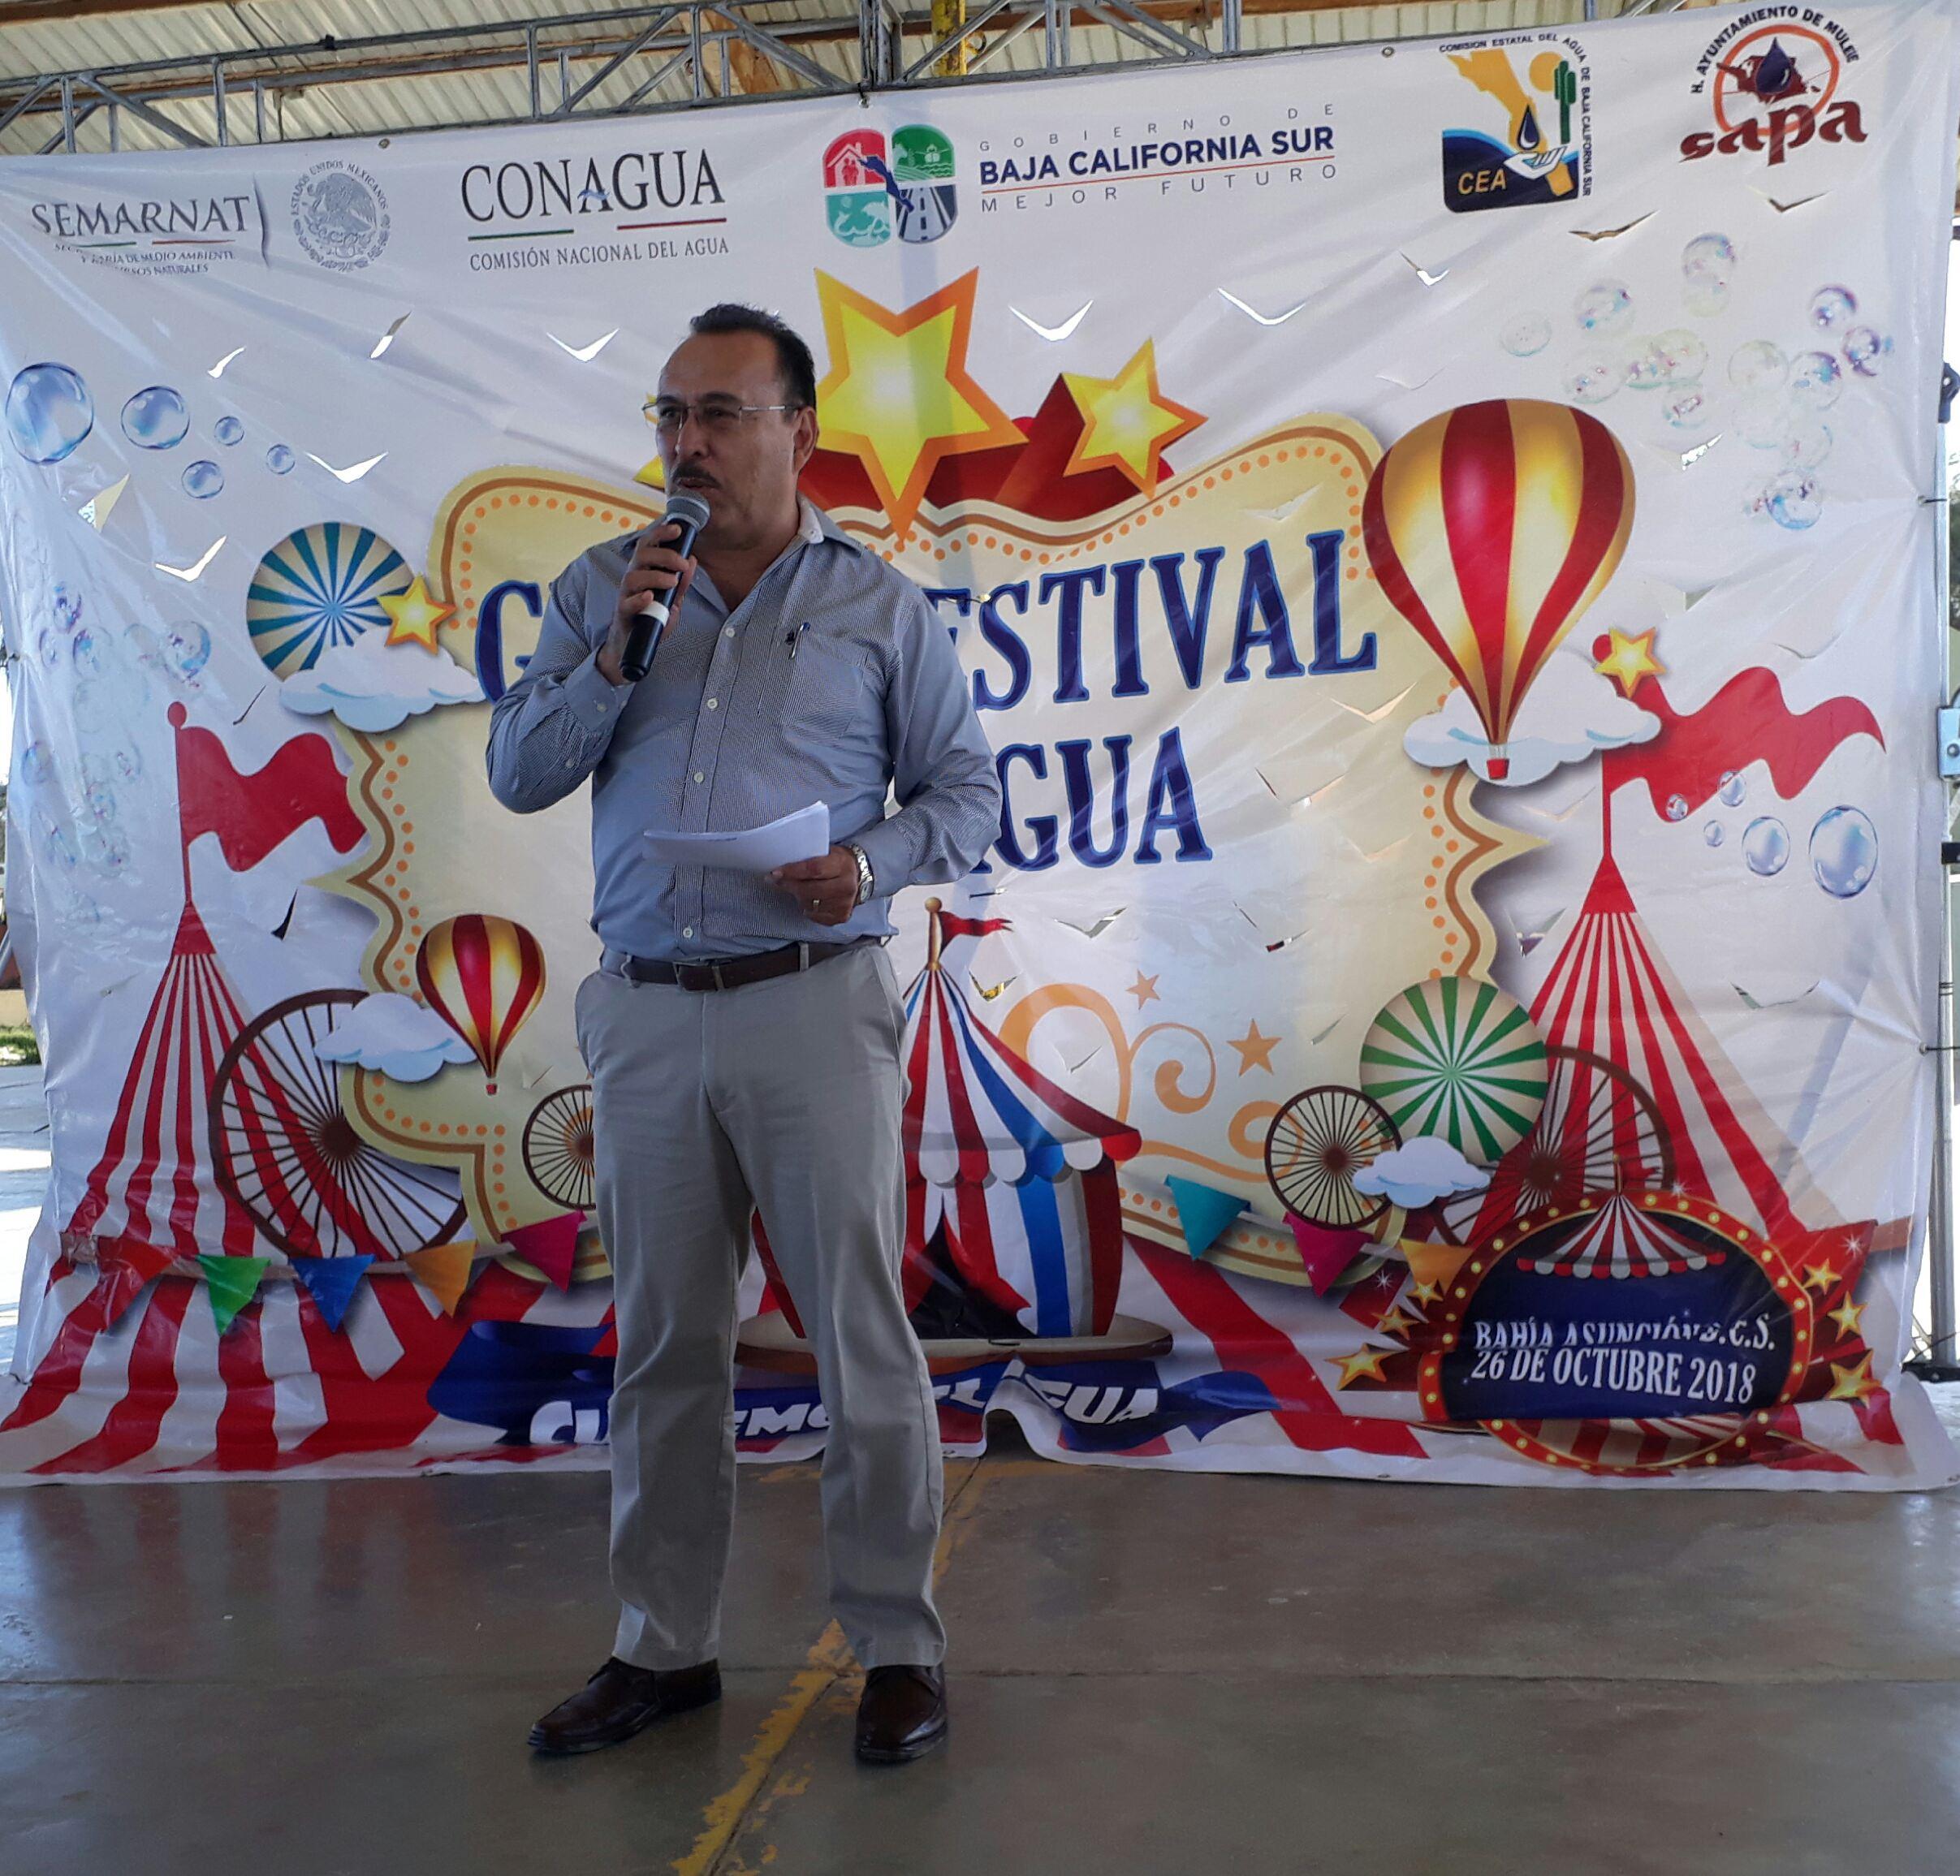 Bahía Asunción - Director de la CEA dando Bienvenida